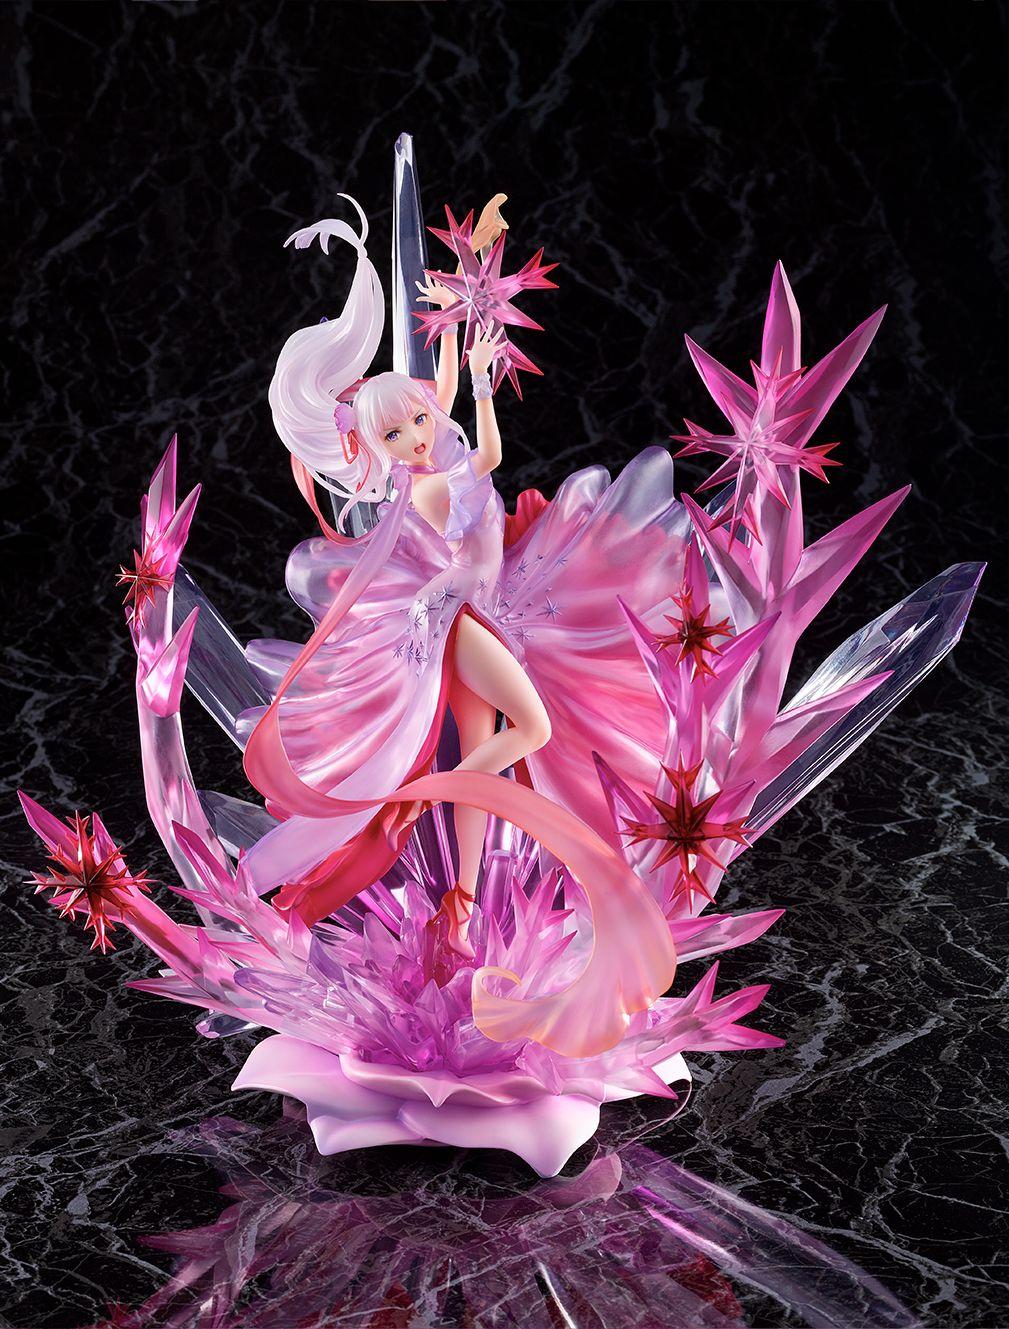 【限定販売】Re:ゼロから始める異世界生活『氷結のエミリア -Crystal Dress Ver-』 1/7 完成品フィギュア-009